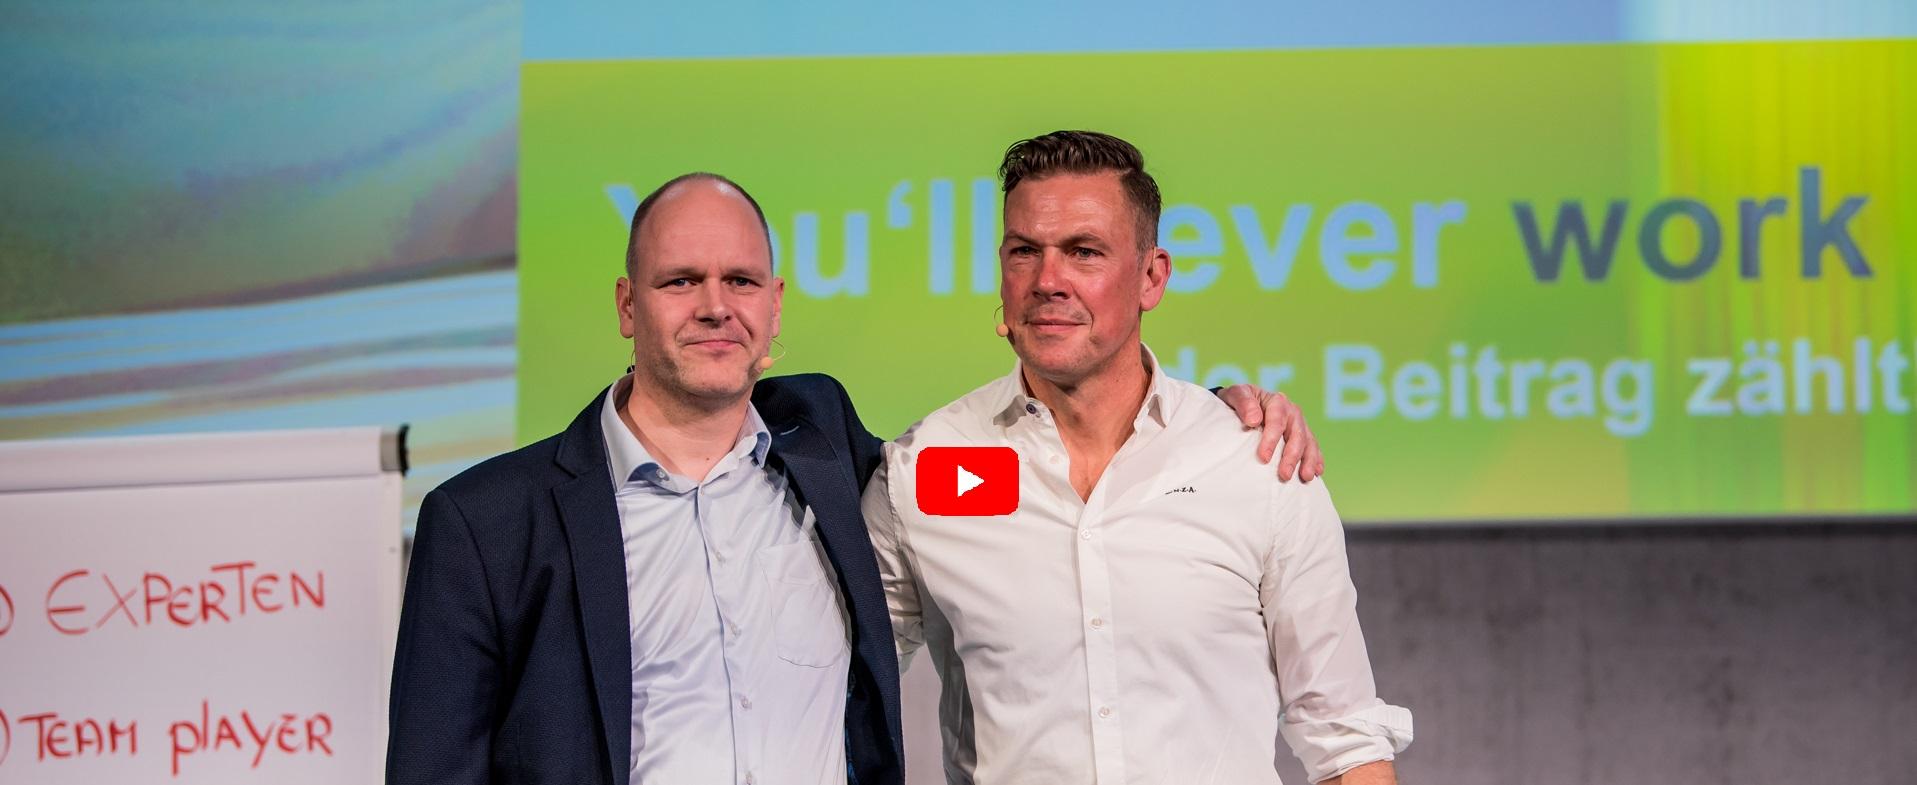 Keynote Speaker und Managementberater Dr. Holger Schmitz mit Erik Meijer